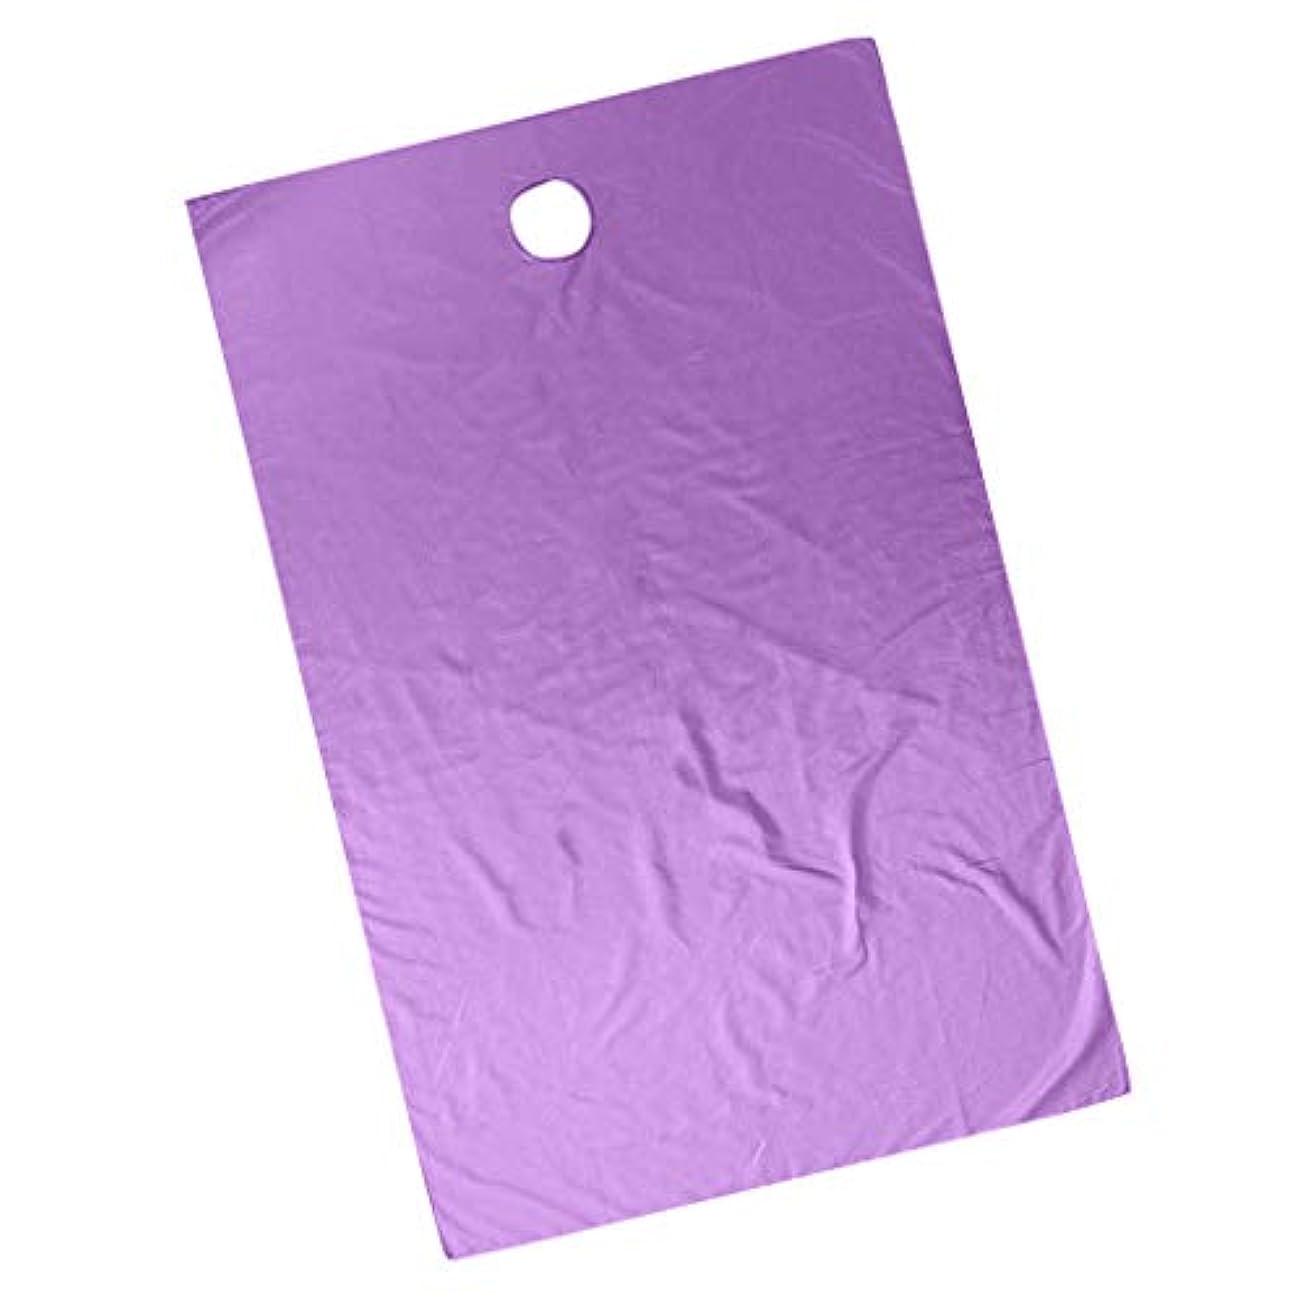 依存乳剤立法スパ マッサージ ベッドカバー 有孔 エステベッドカバー 美容院 サロン 快適 通気性 - ダークパープル